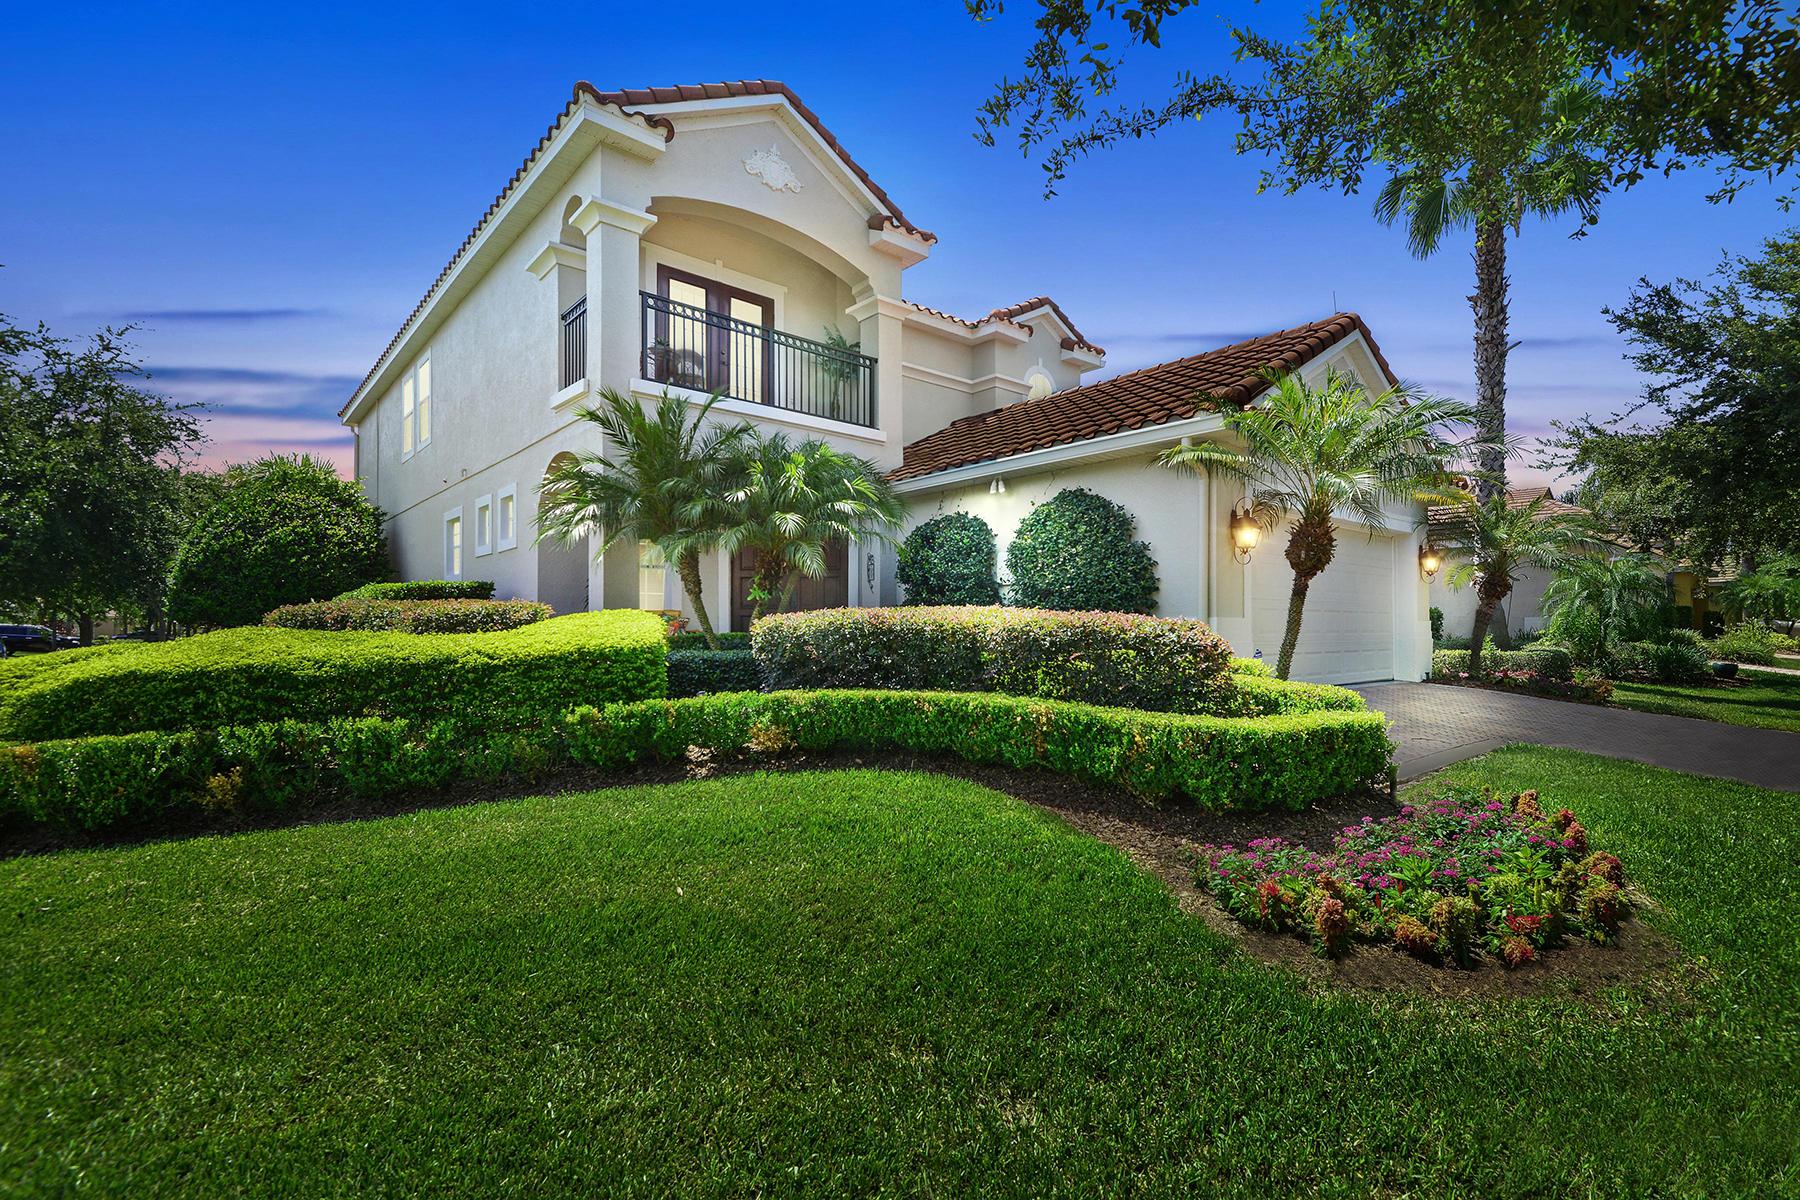 Tek Ailelik Ev için Satış at Orlando, Florida 8157 Via Bella Notte Orlando, Florida, 32836 Amerika Birleşik Devletleri